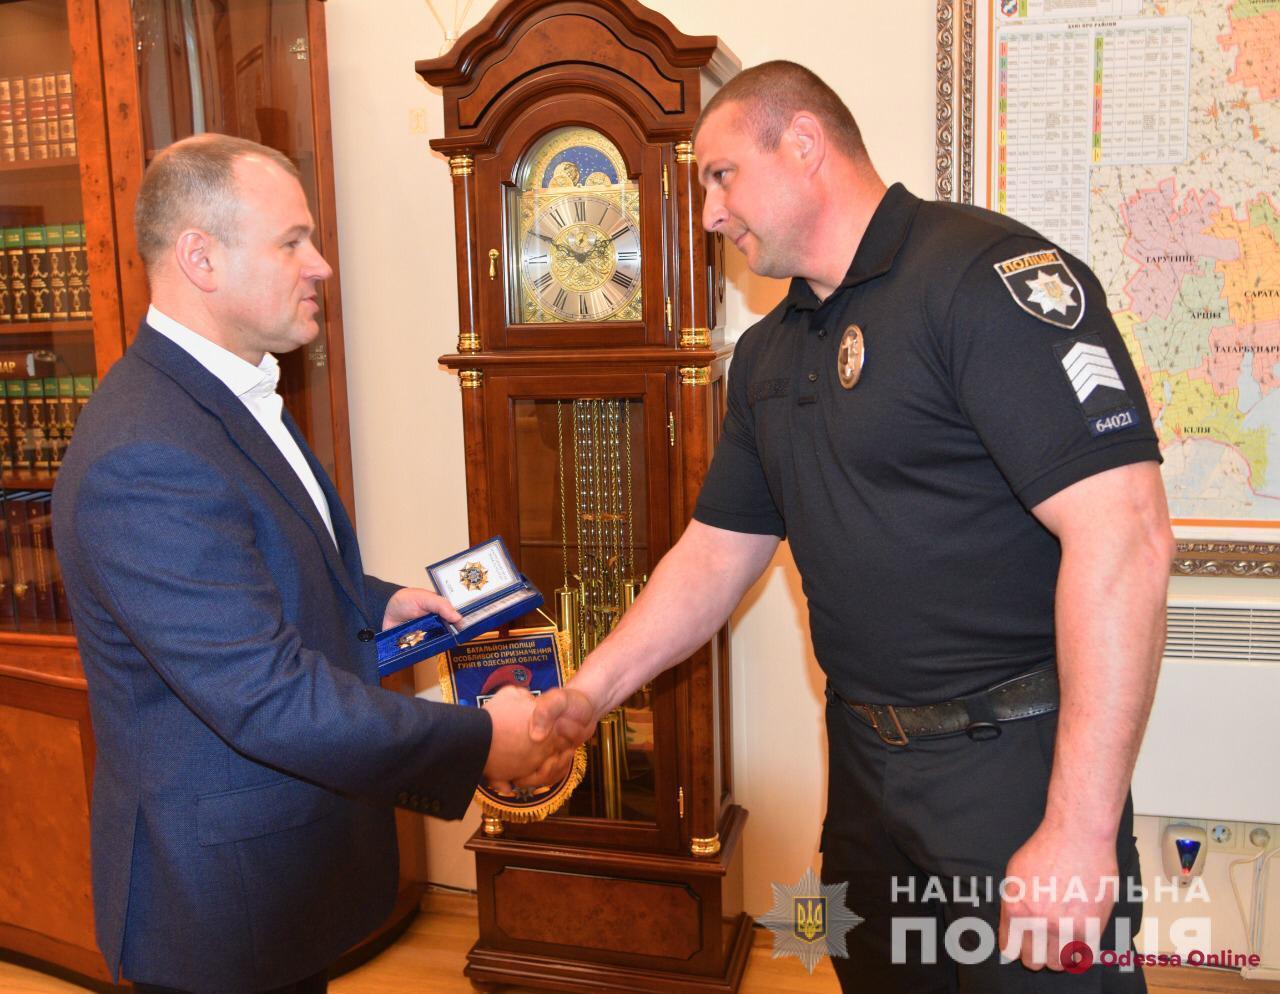 В Одессе полицейского наградили за помощь в поимке насильника